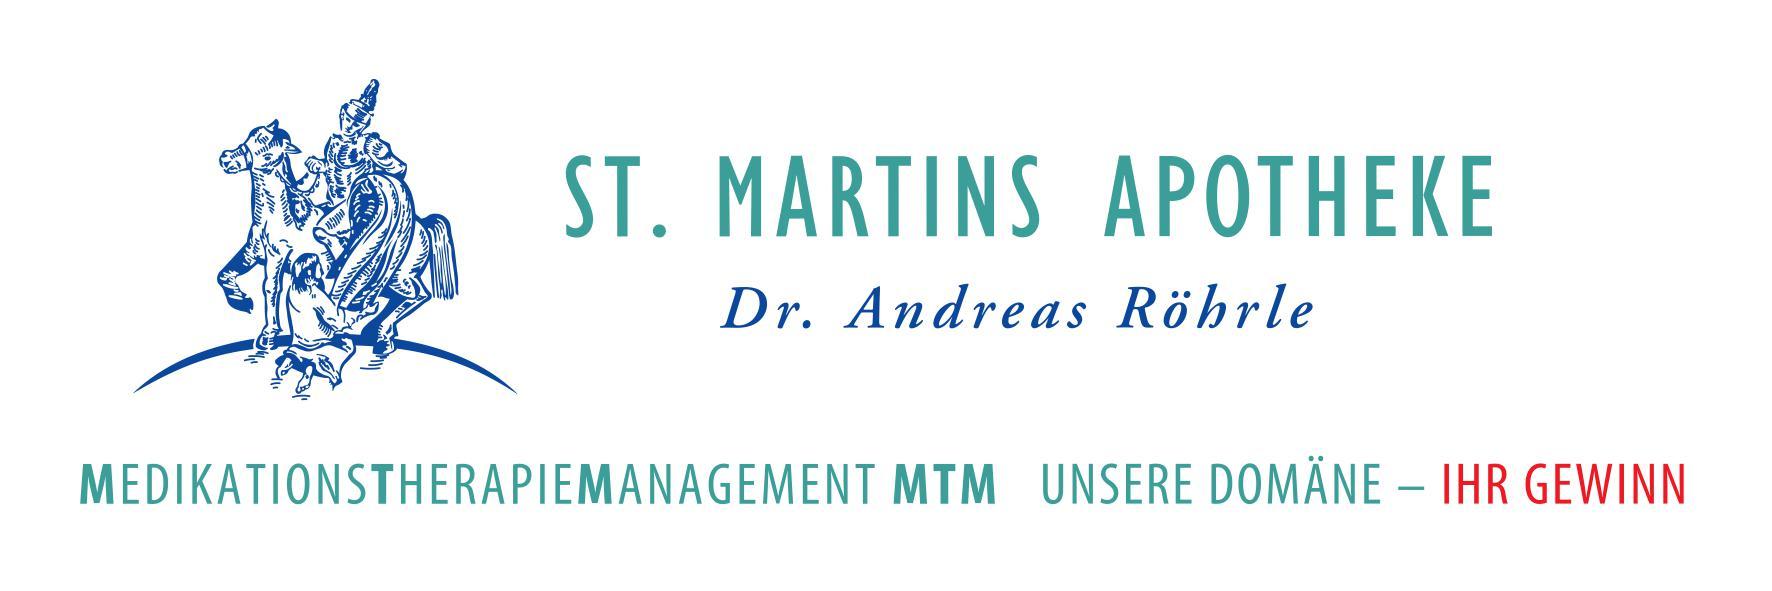 Schriftzug St. Martins Apotheke am Saumarkt in Wangen im Allgäu, Dr. Andreas Röhrle Medikationstherpaiemanagement